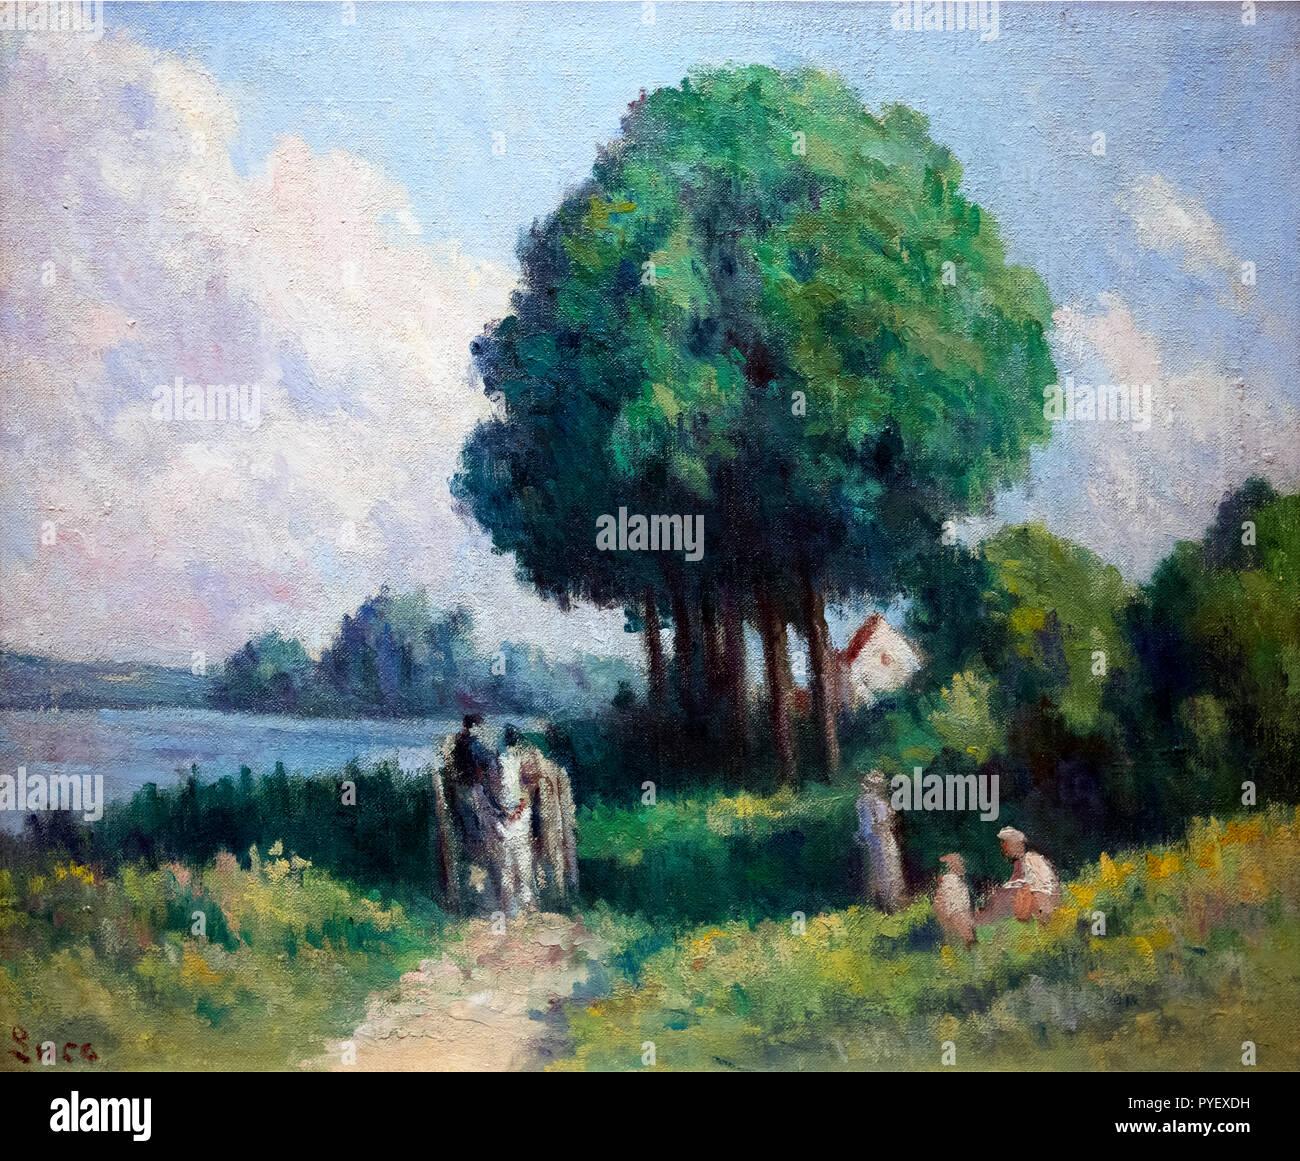 Rolleboise, riposo sotto un albero di Maximilien Luce (1858-1941), olio su tela, 1925 Immagini Stock